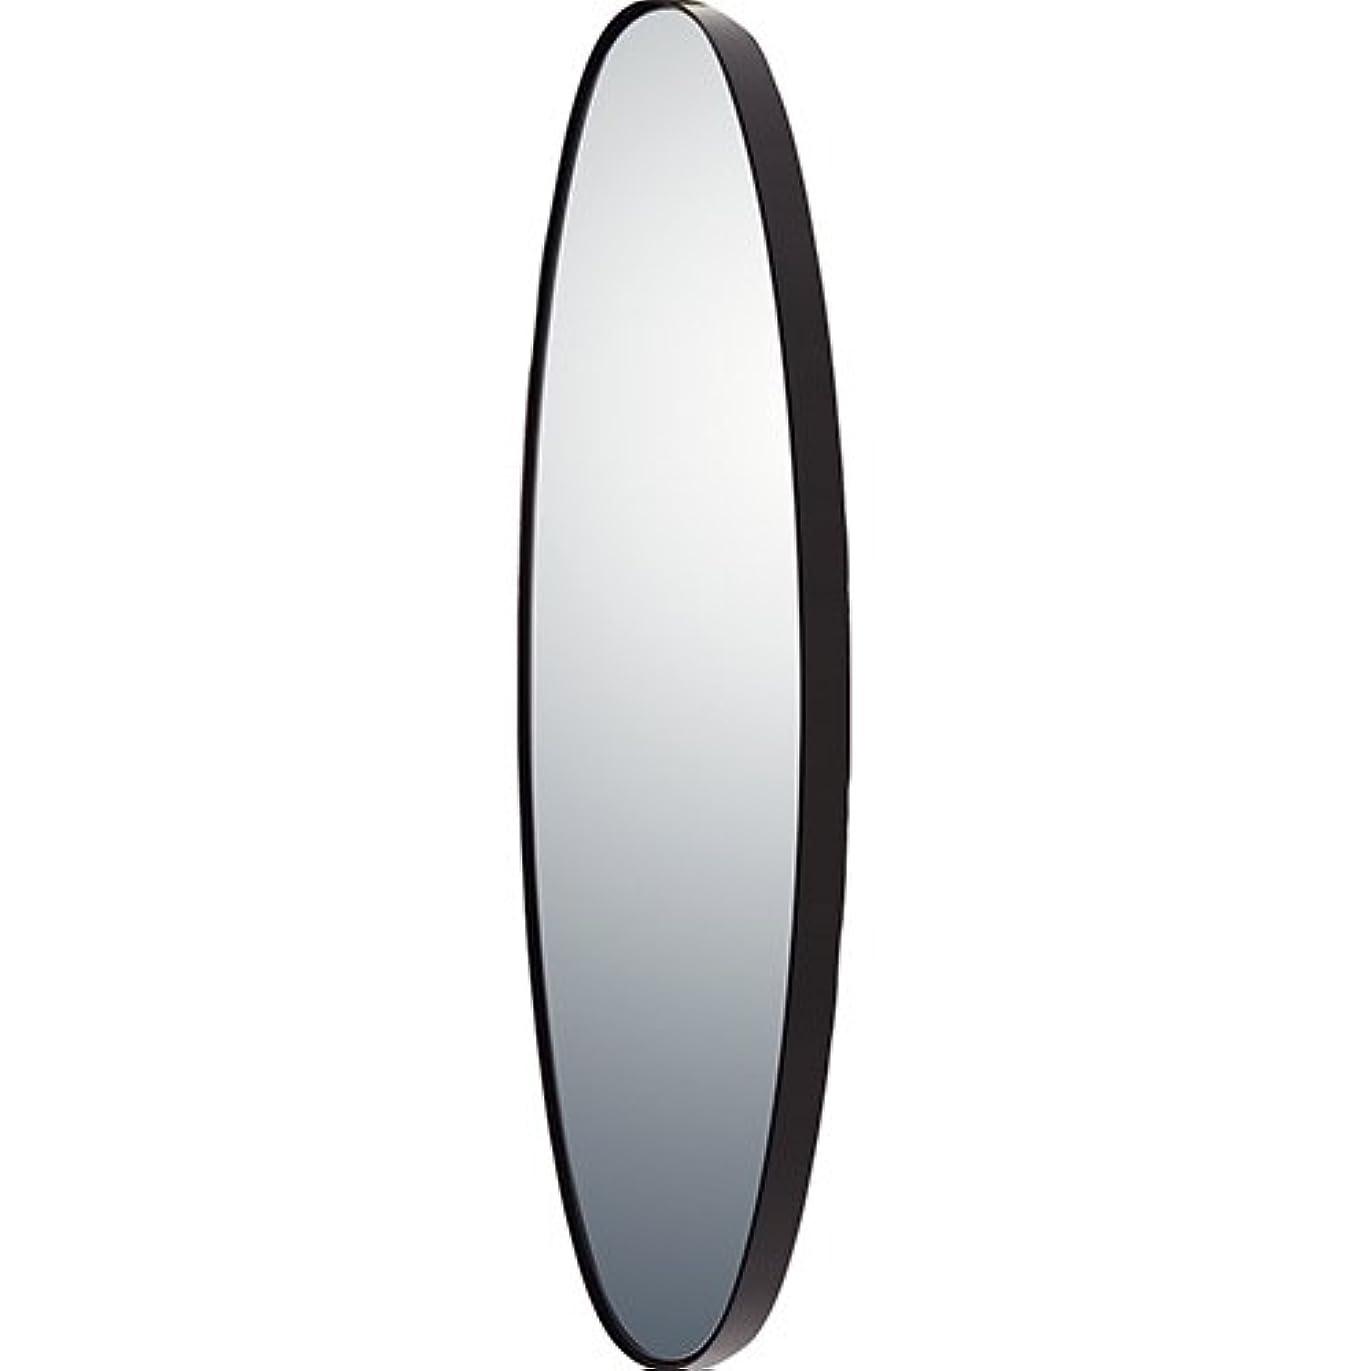 パース腐った断線ユーパワー ミラー?鏡 マルチ 重さ:約4kg オーバルロング グロスブラック SM-10052